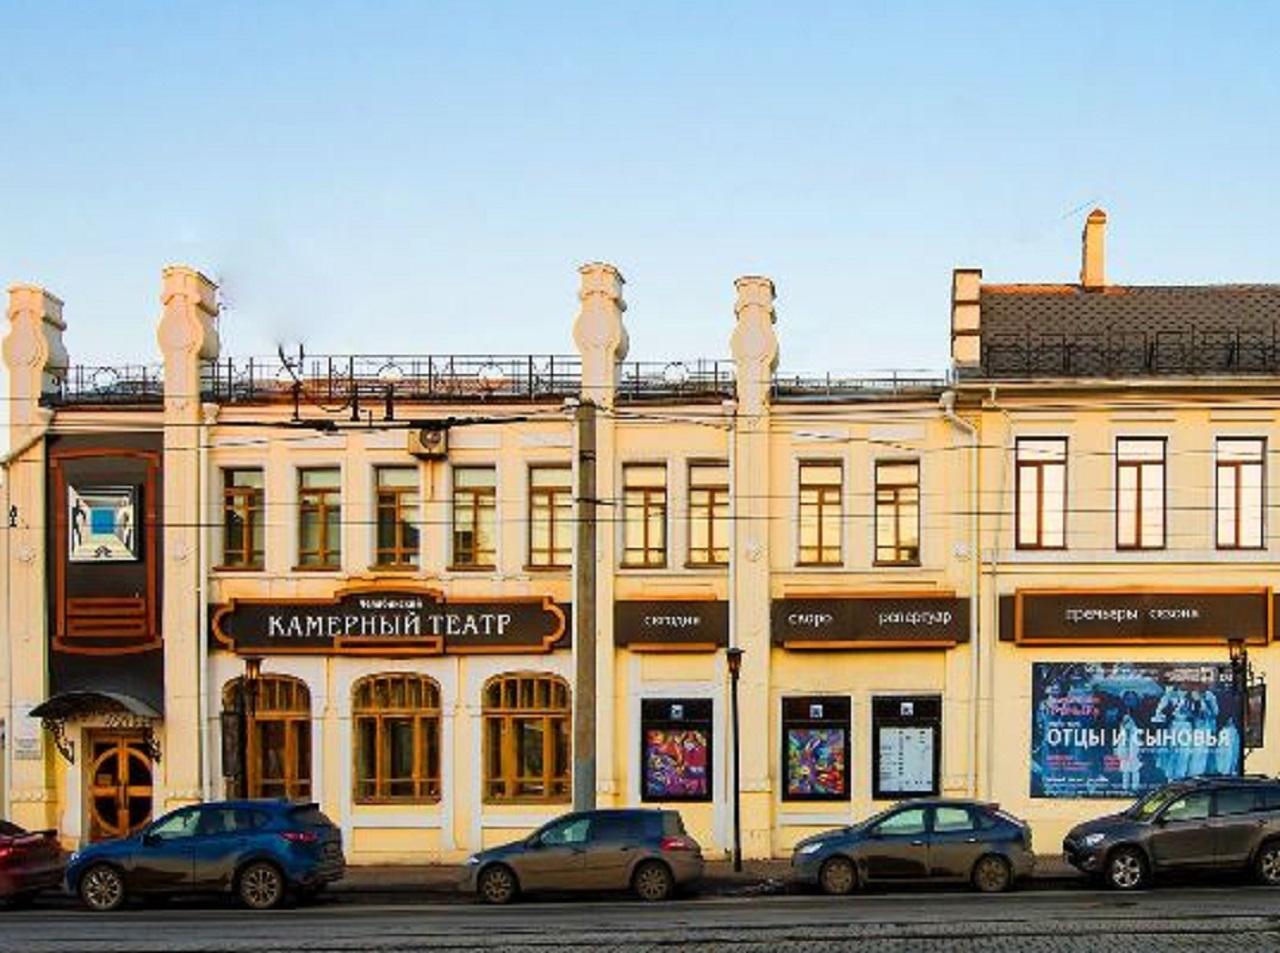 В Камерном театре Челябинска открыли выставку абстракции и пейзажей